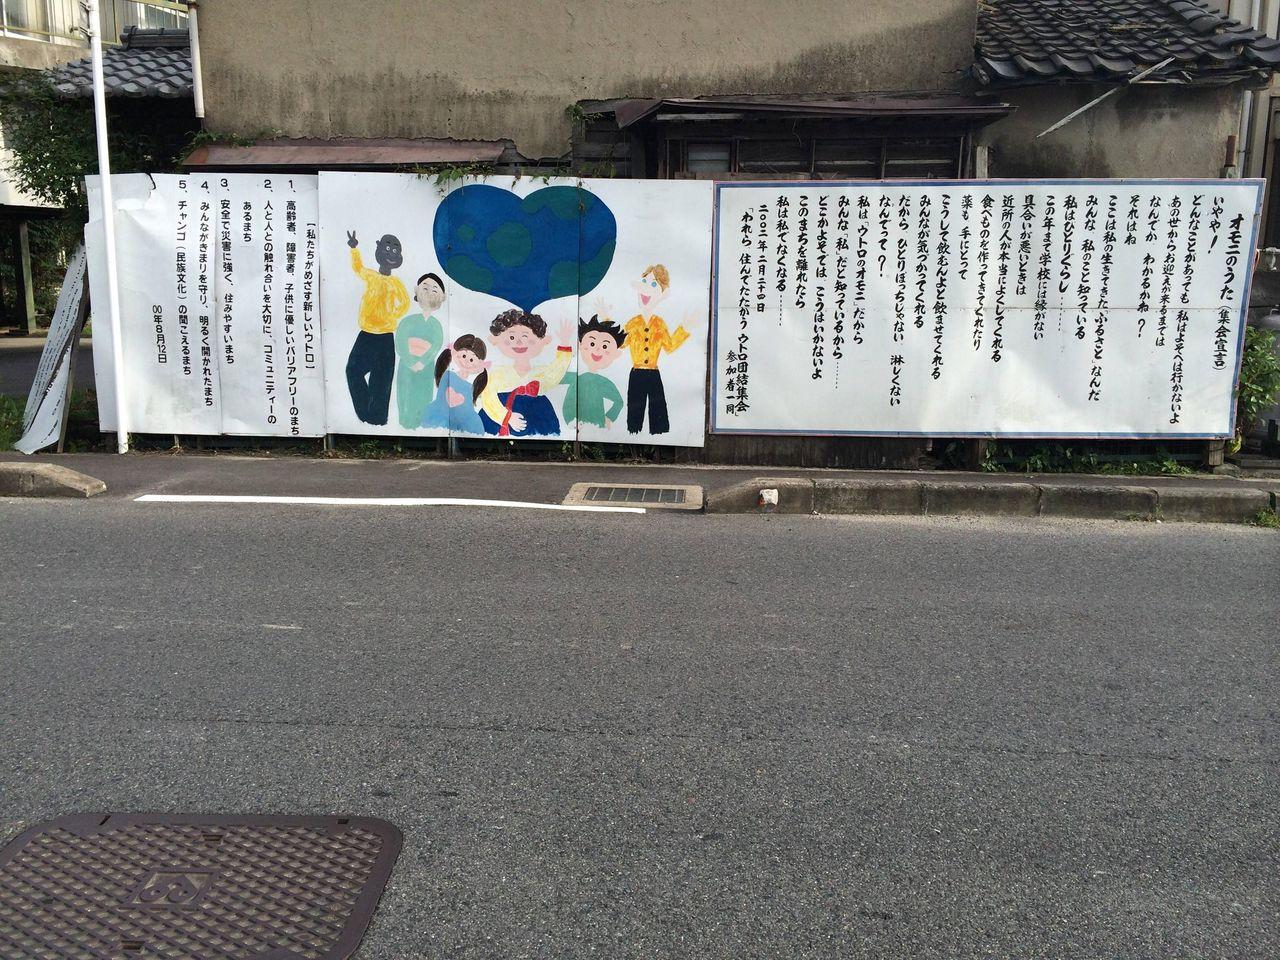 http://livedoor.blogimg.jp/gensen_2ch/imgs/3/9/39db4547.jpg